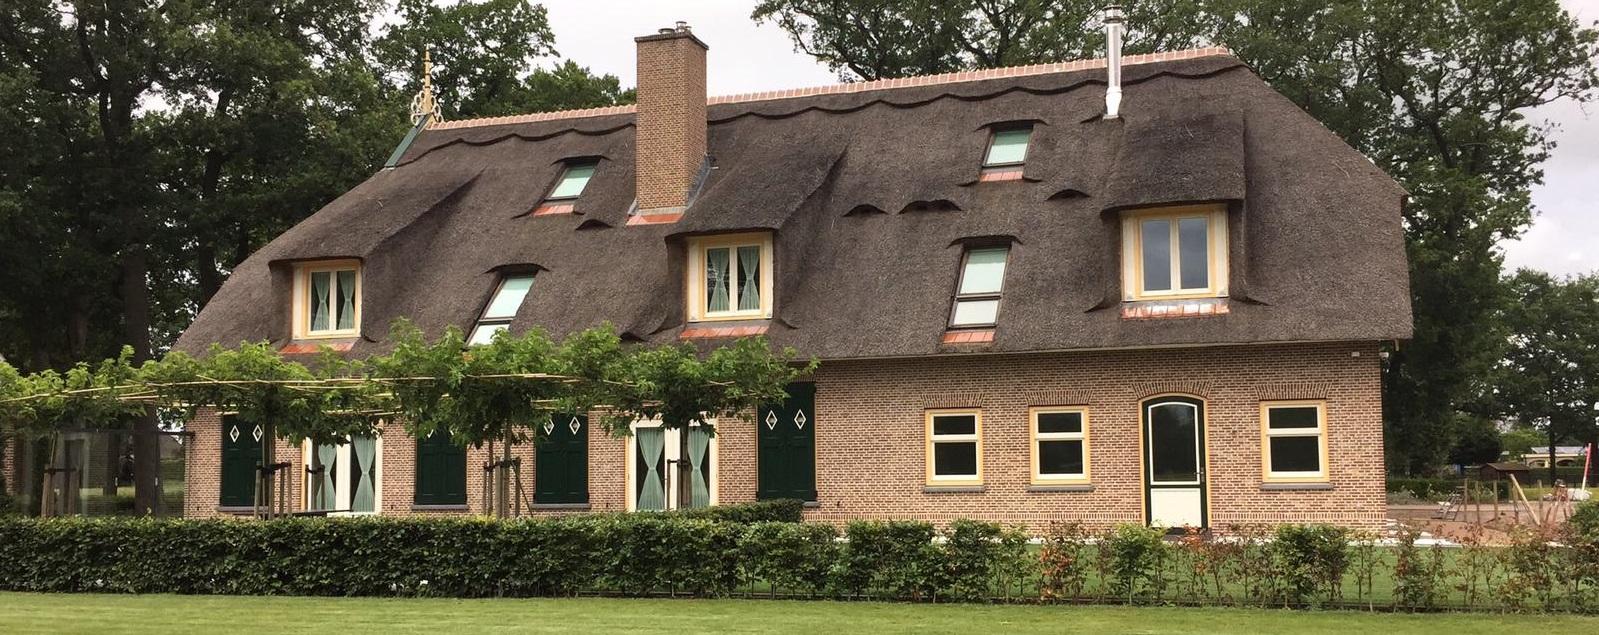 rieten-dak-woonboerderij-vervangen